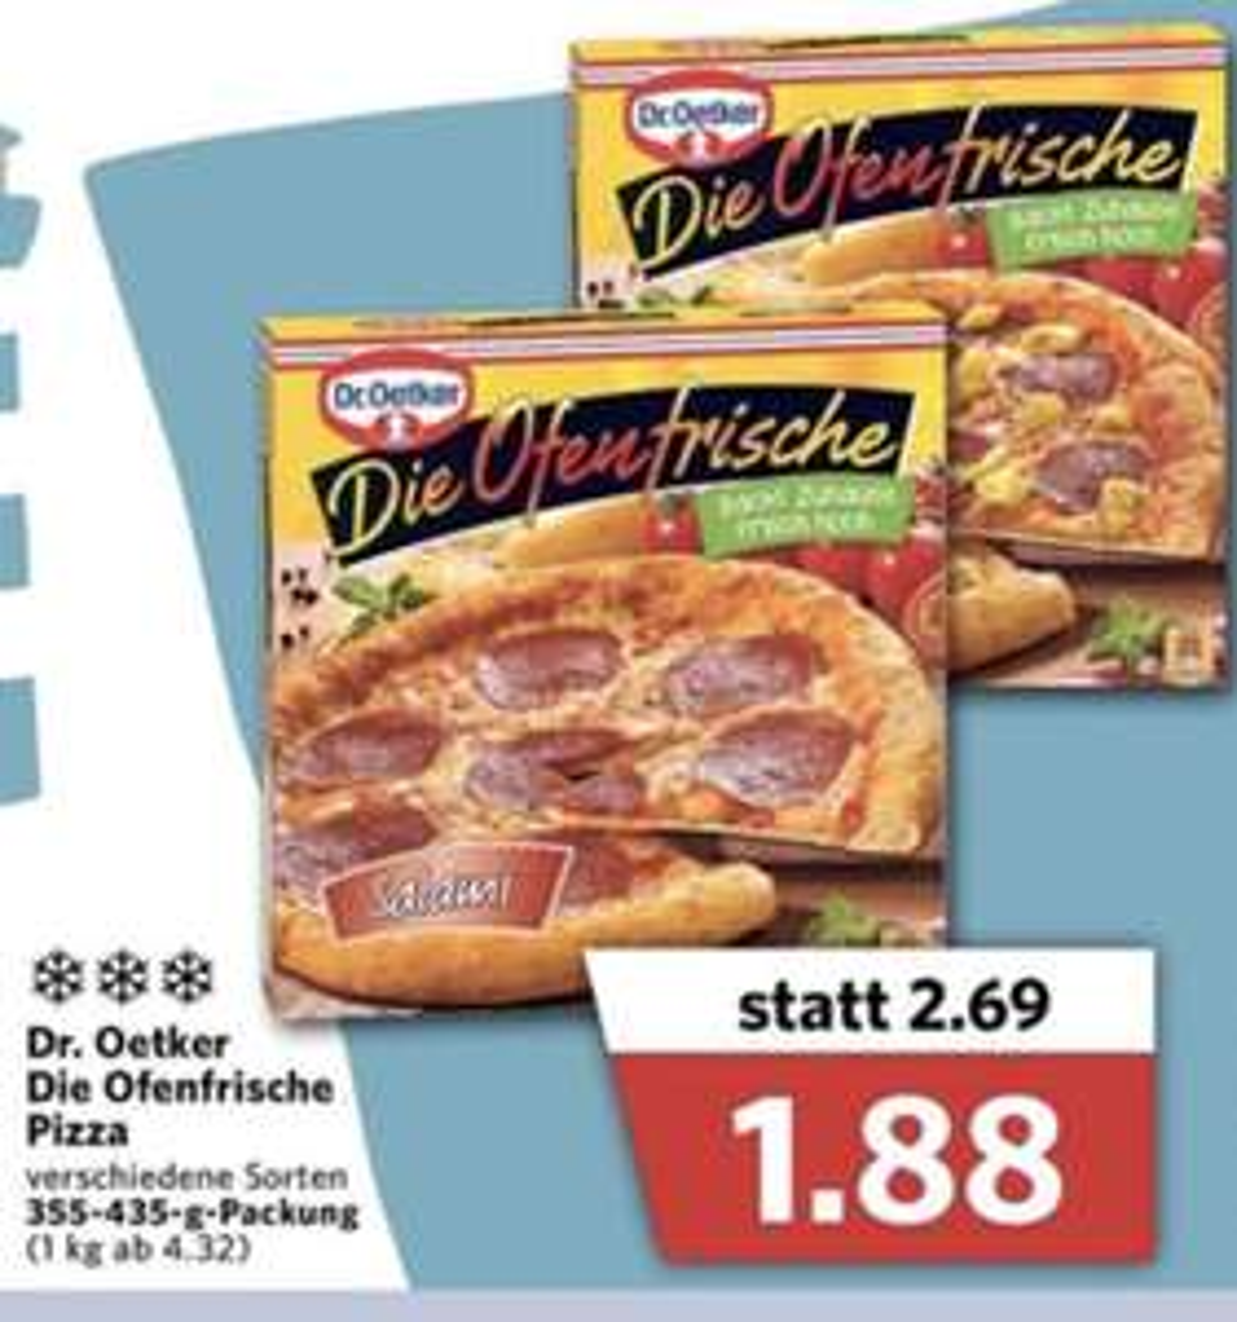 """Dr. Oetker """"Die Ofenfrische"""" Pizza bei Combi"""